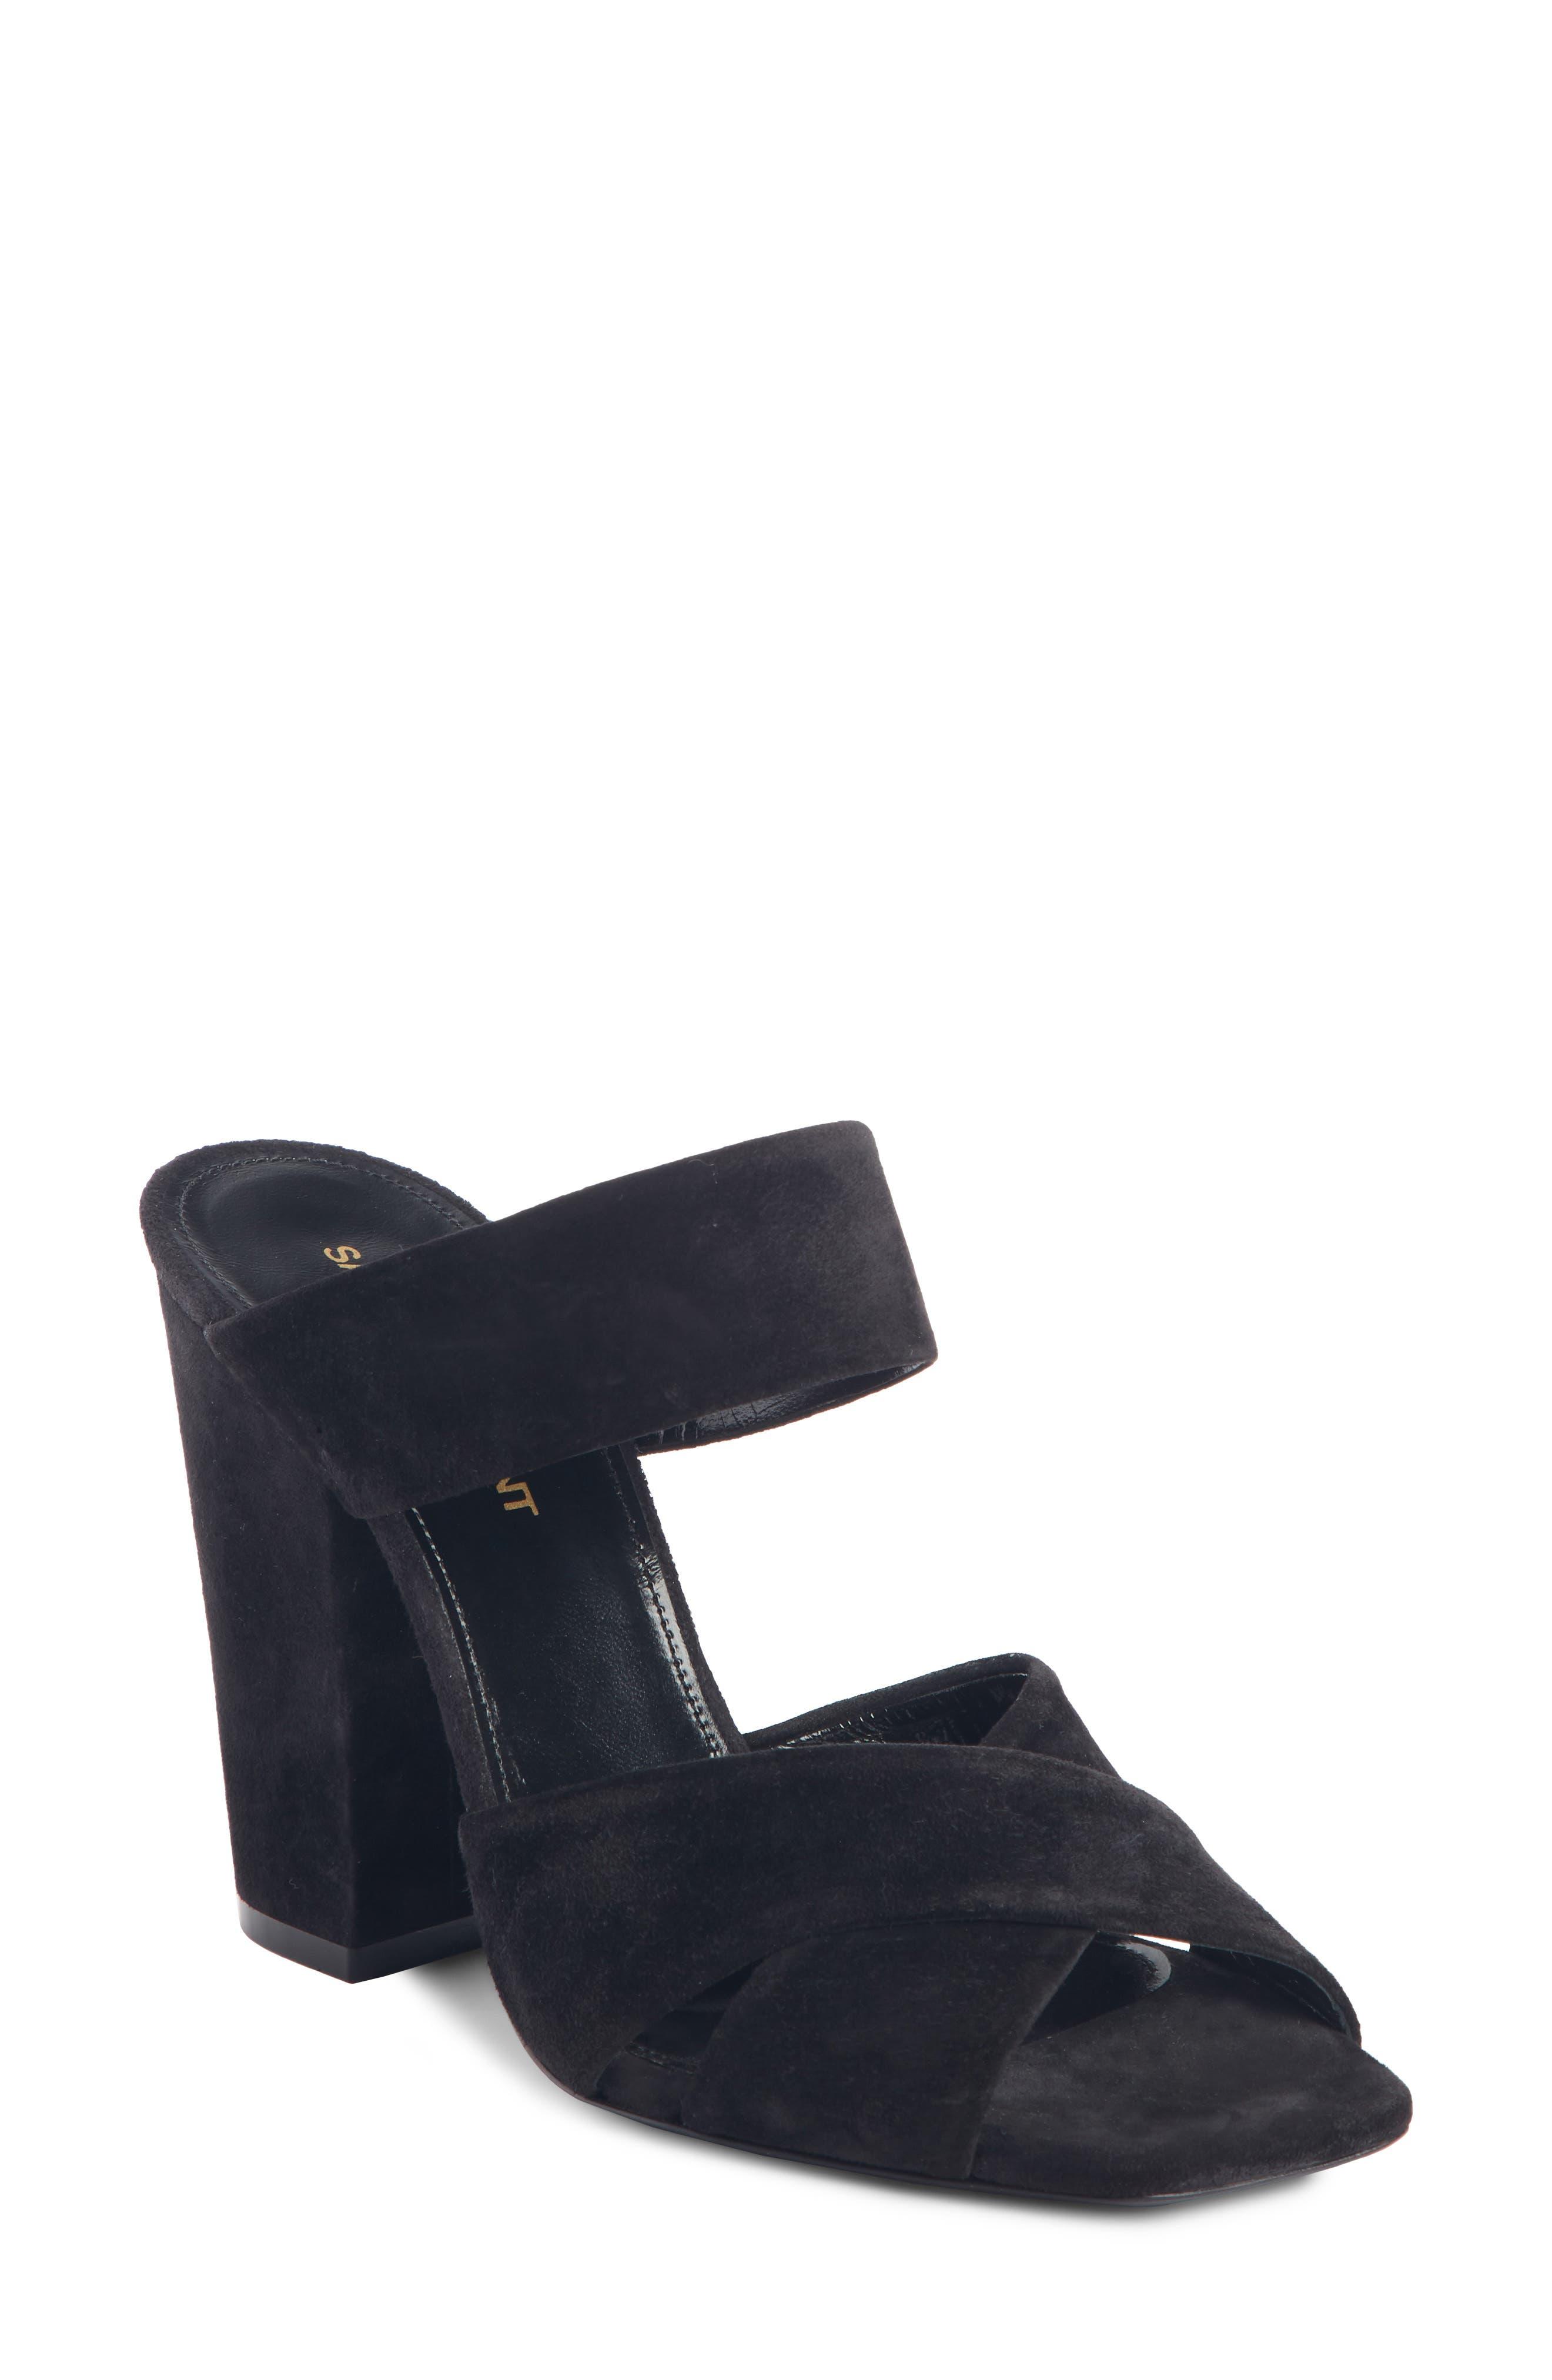 Saint Laurent Jodie Sandal, Black